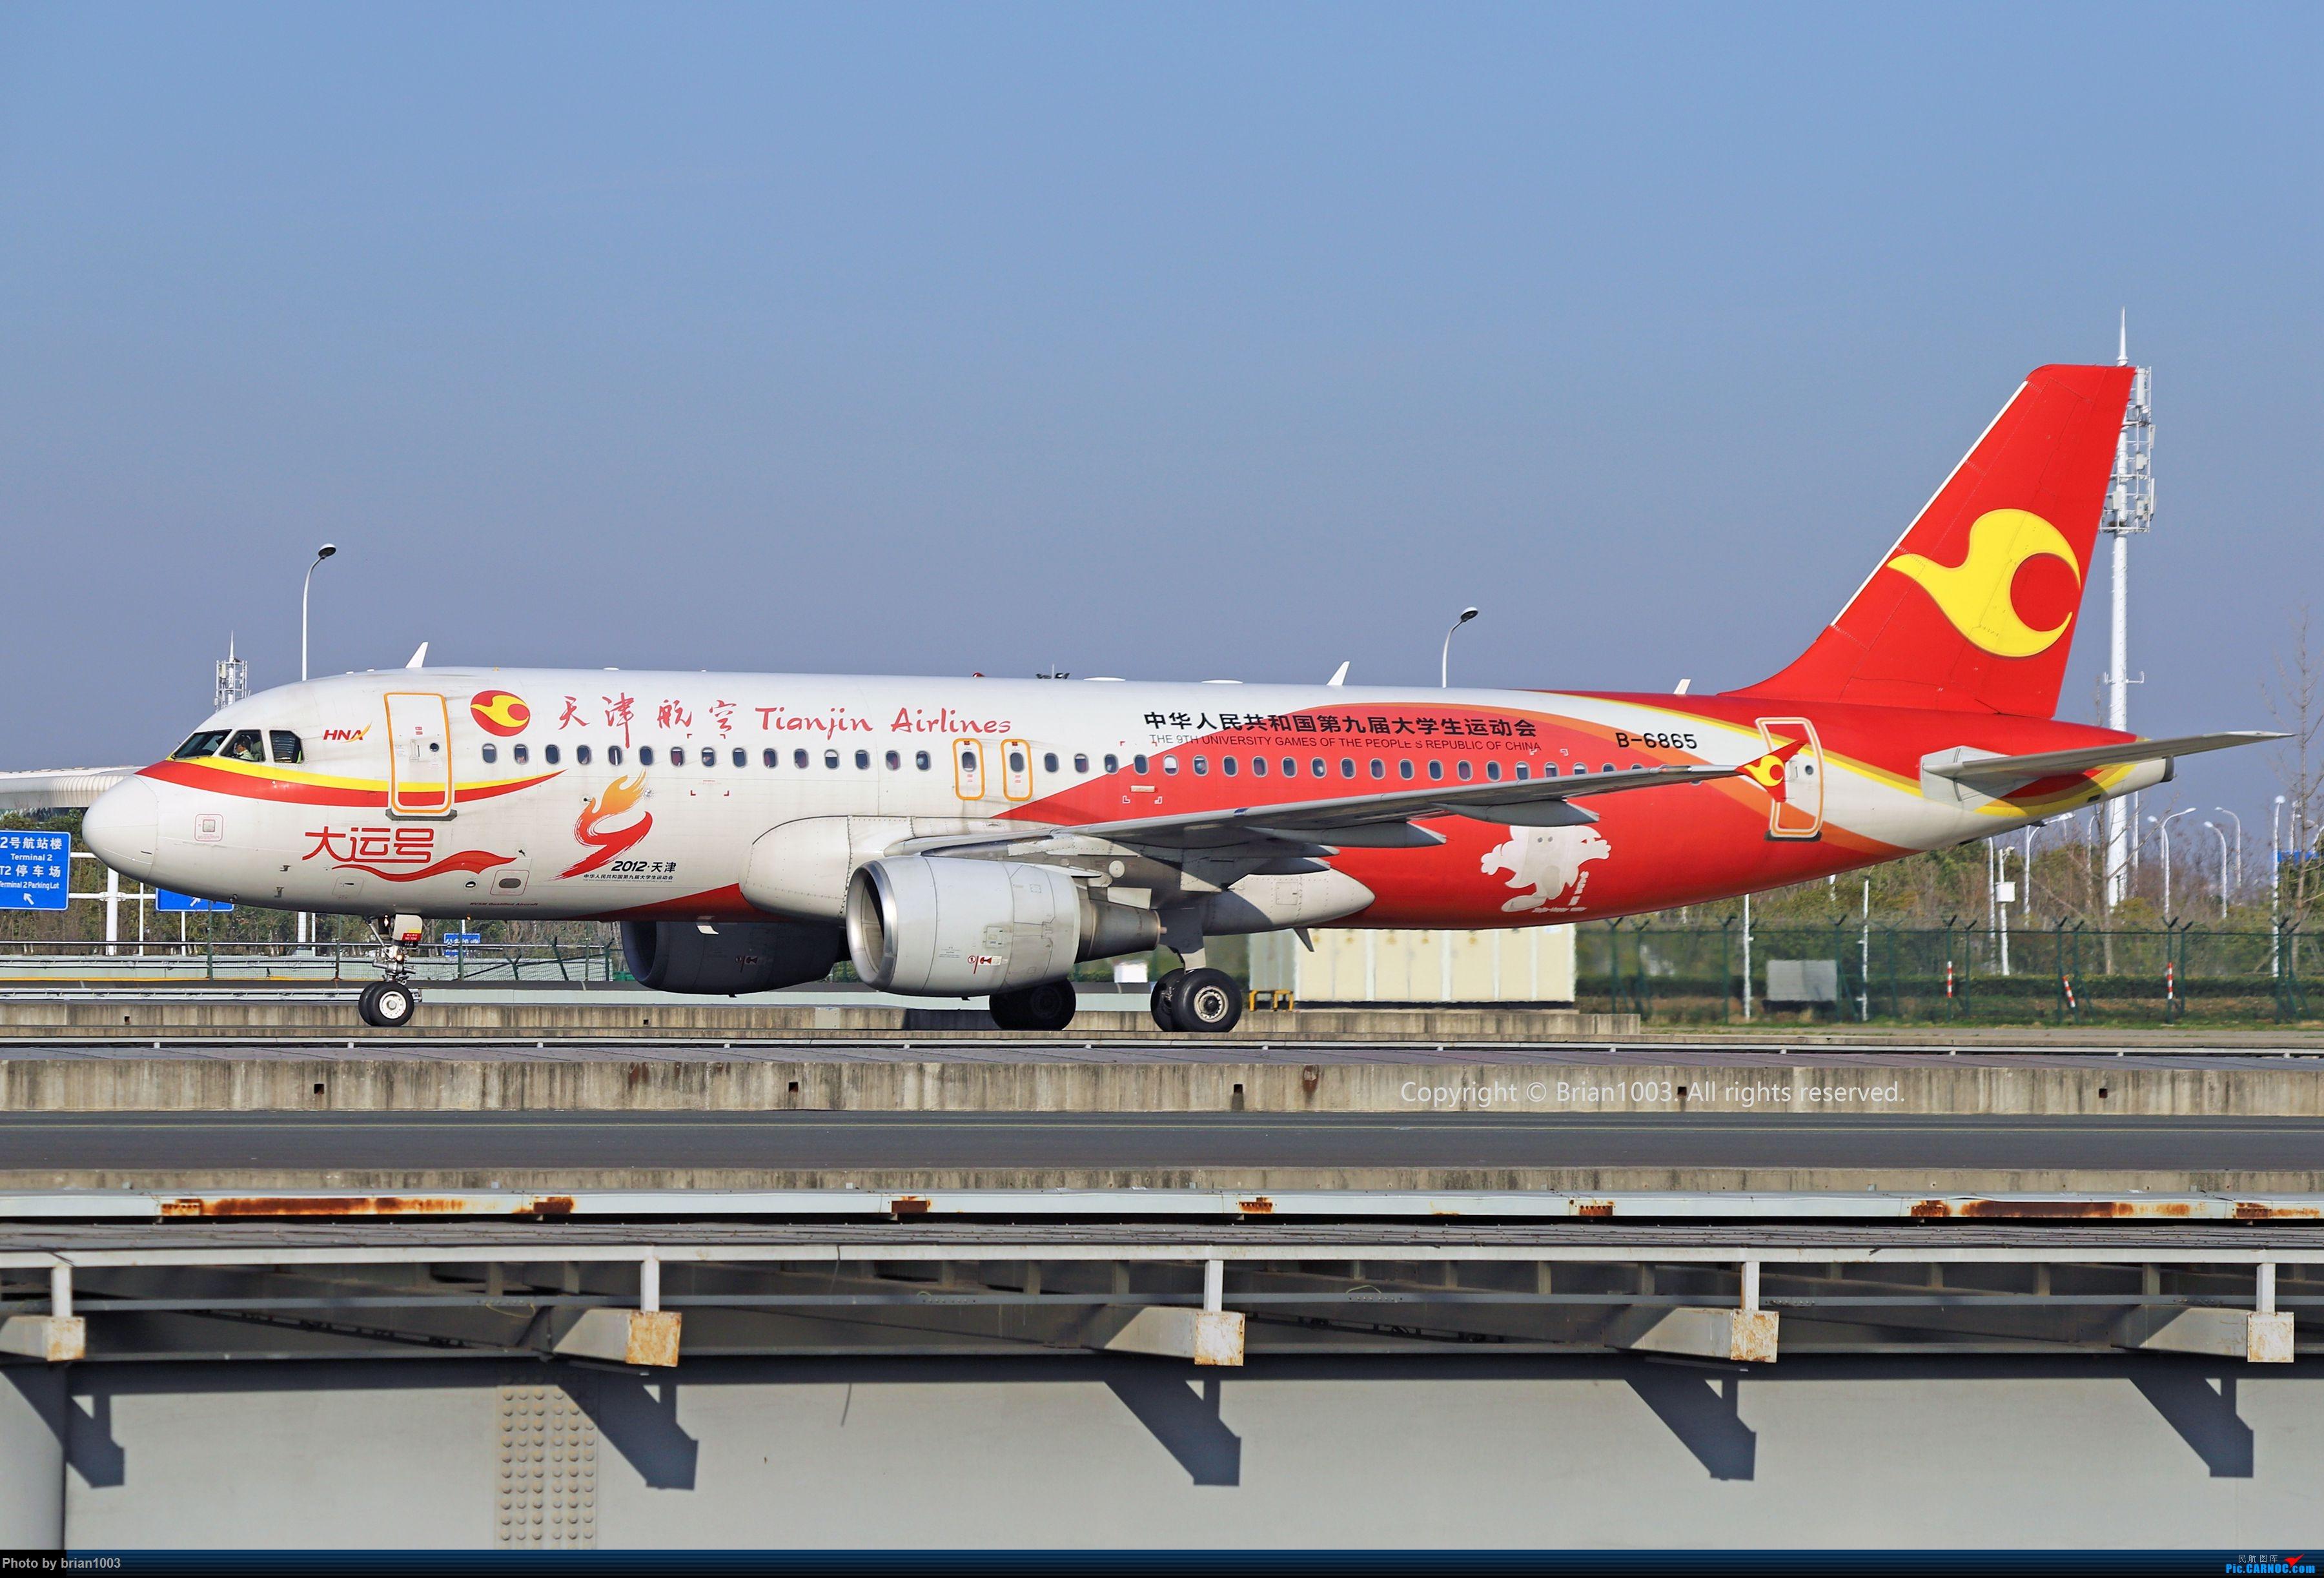 Re:[原创]WUH天河机场2021年拍机之二月 AIRBUS A320-200 B-6865 中国武汉天河国际机场